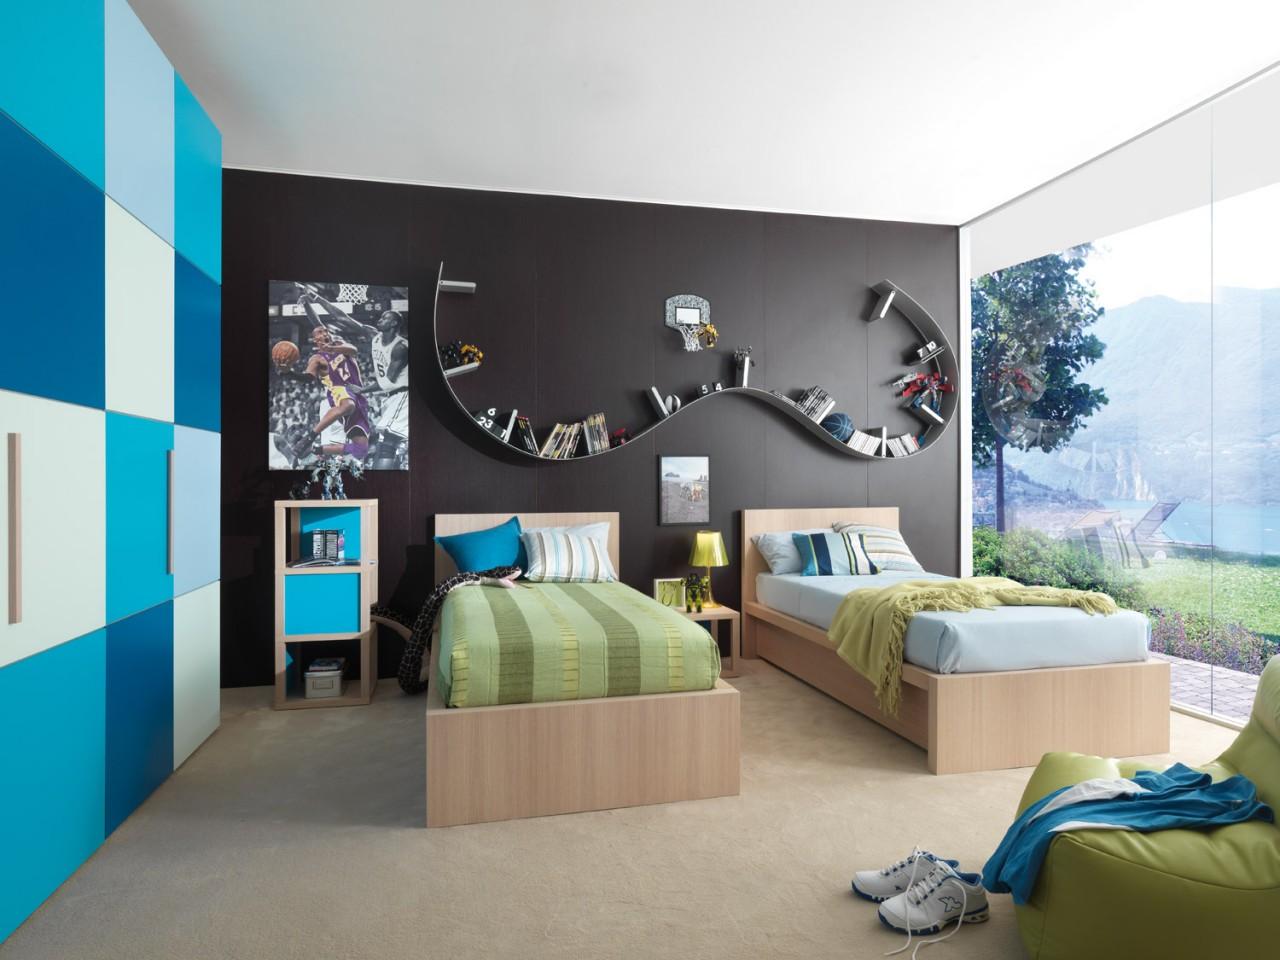 Fotos de dormitorios juveniles para dos chicos - Dormitorio juvenil decoracion ...